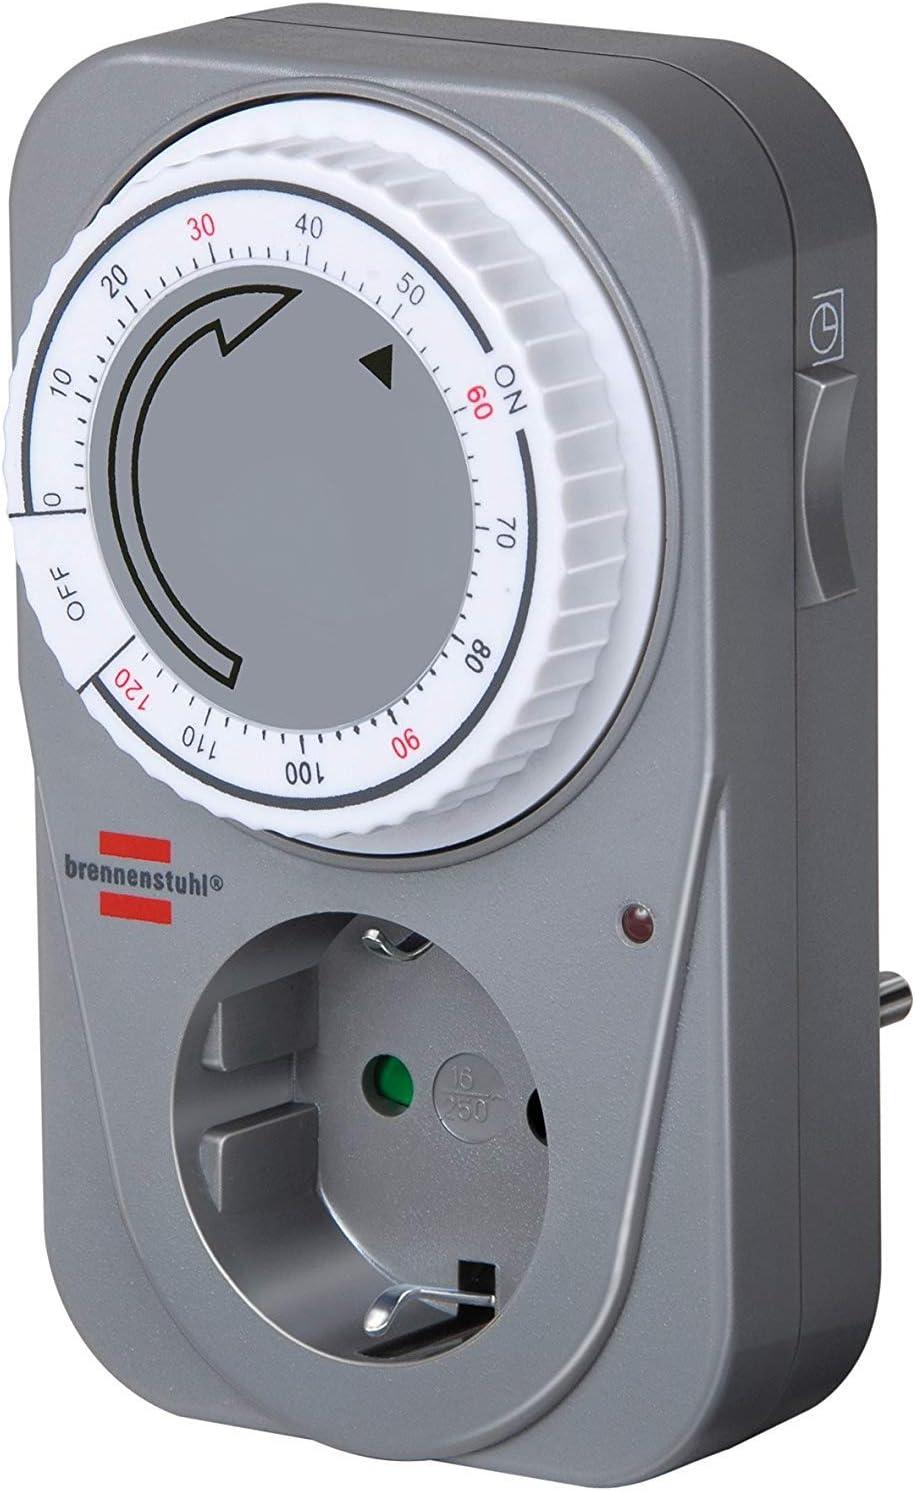 Brennenstuhl Countdown Timer MC 120 Prise de Minuterie M/écanique Minuterie pour Prise avec Fonction de Compte /à Rebours et S/écurit/é Enfant Gris